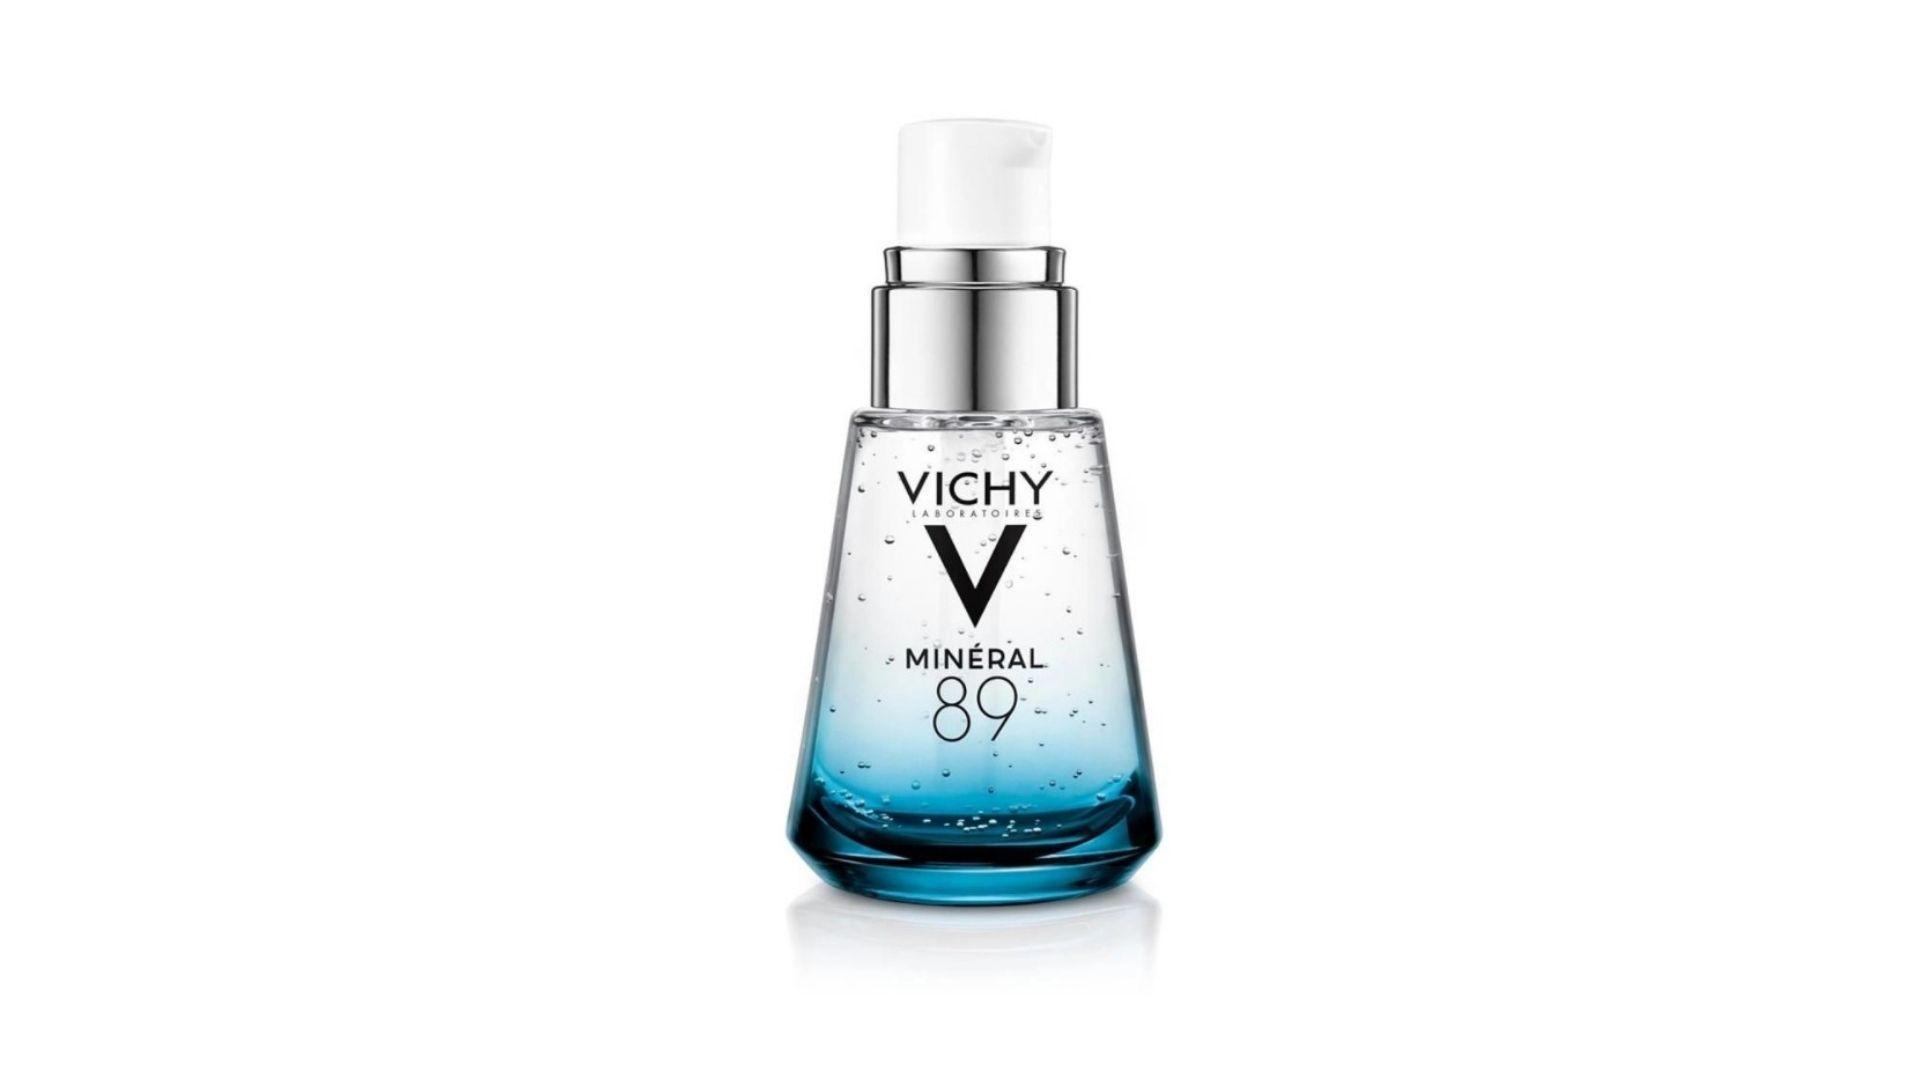 Para hidratar a pele oleosa e mista no calor, nenhum melhor que Minéral 89, de Vichy (Foto: Reprodução, Vichy)